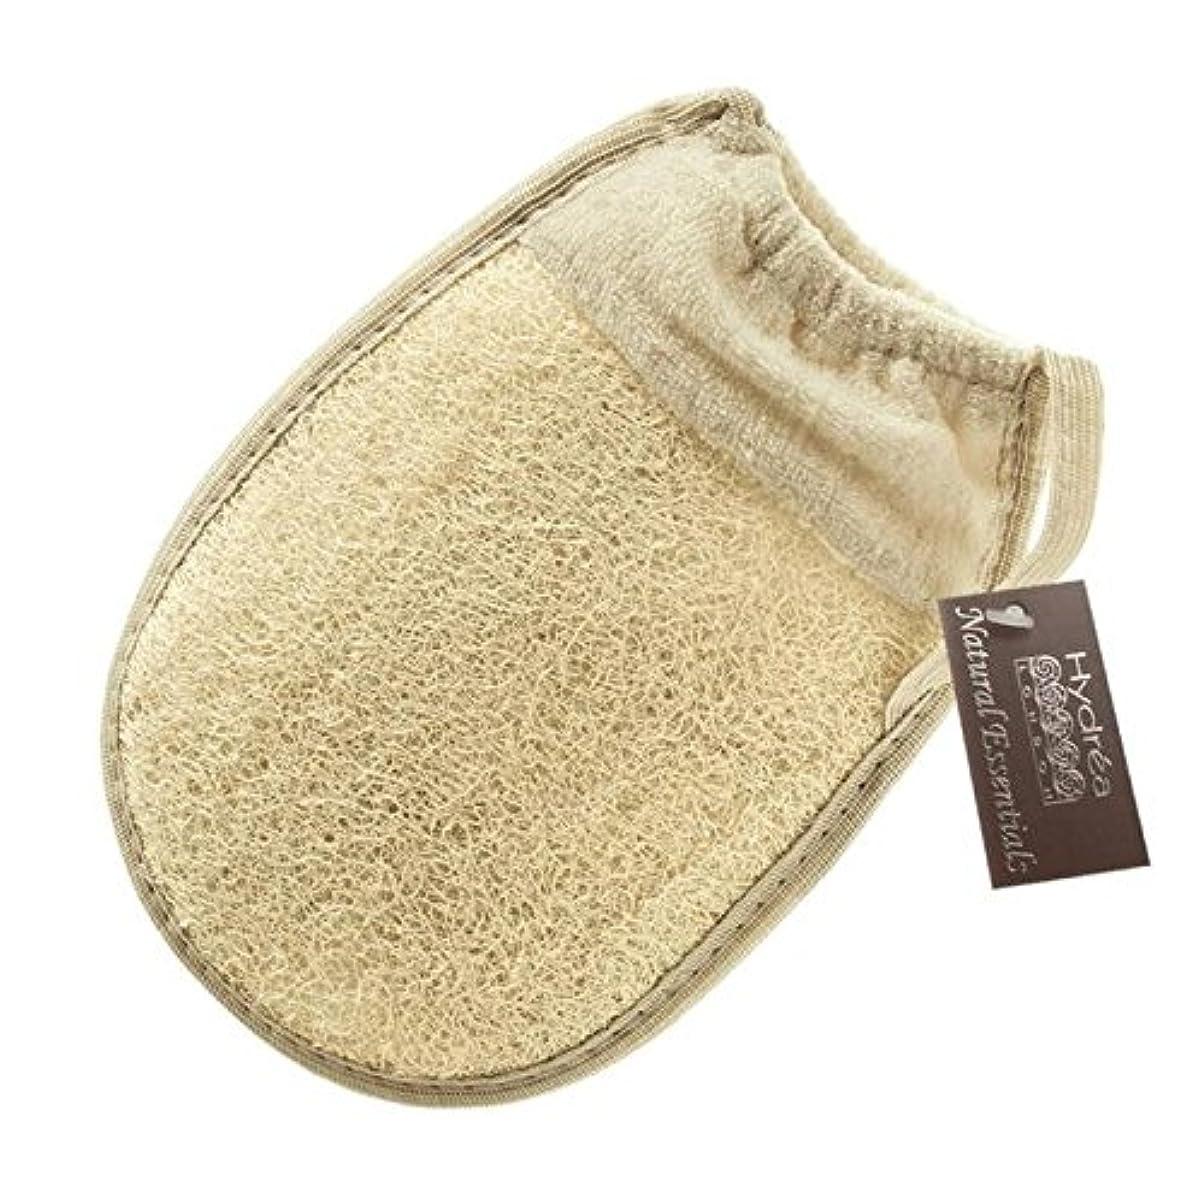 親愛な多様性破滅Hydrea London Egyptian Loofah Glove with Elasticated Cuff - 伸縮性カフとハイドレアロンドンエジプトのヘチマグローブ [並行輸入品]